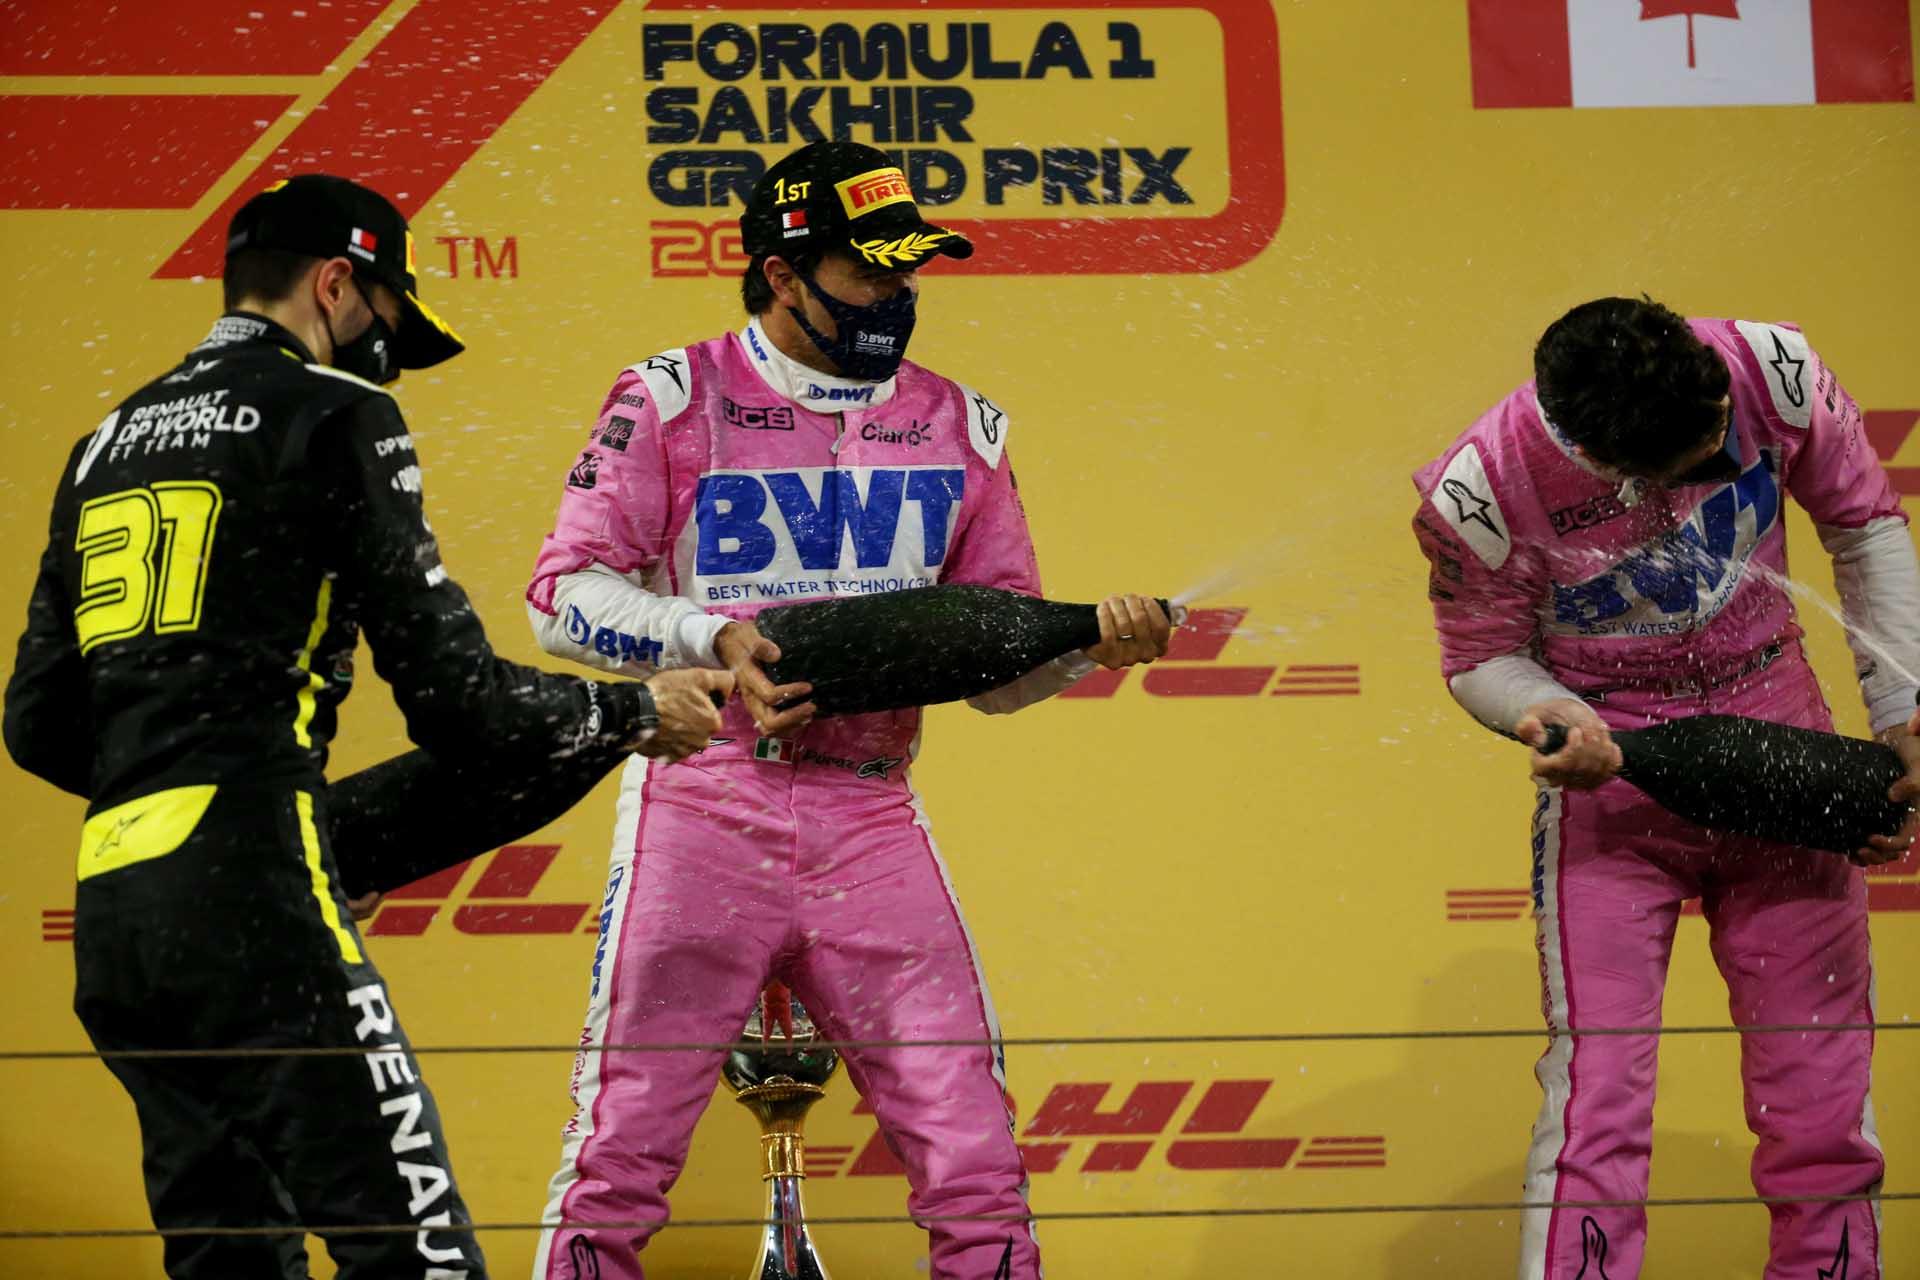 Motor Racing - Formula One World Championship - Sakhir Grand Prix - Race Day - Sakhir, Bahrain